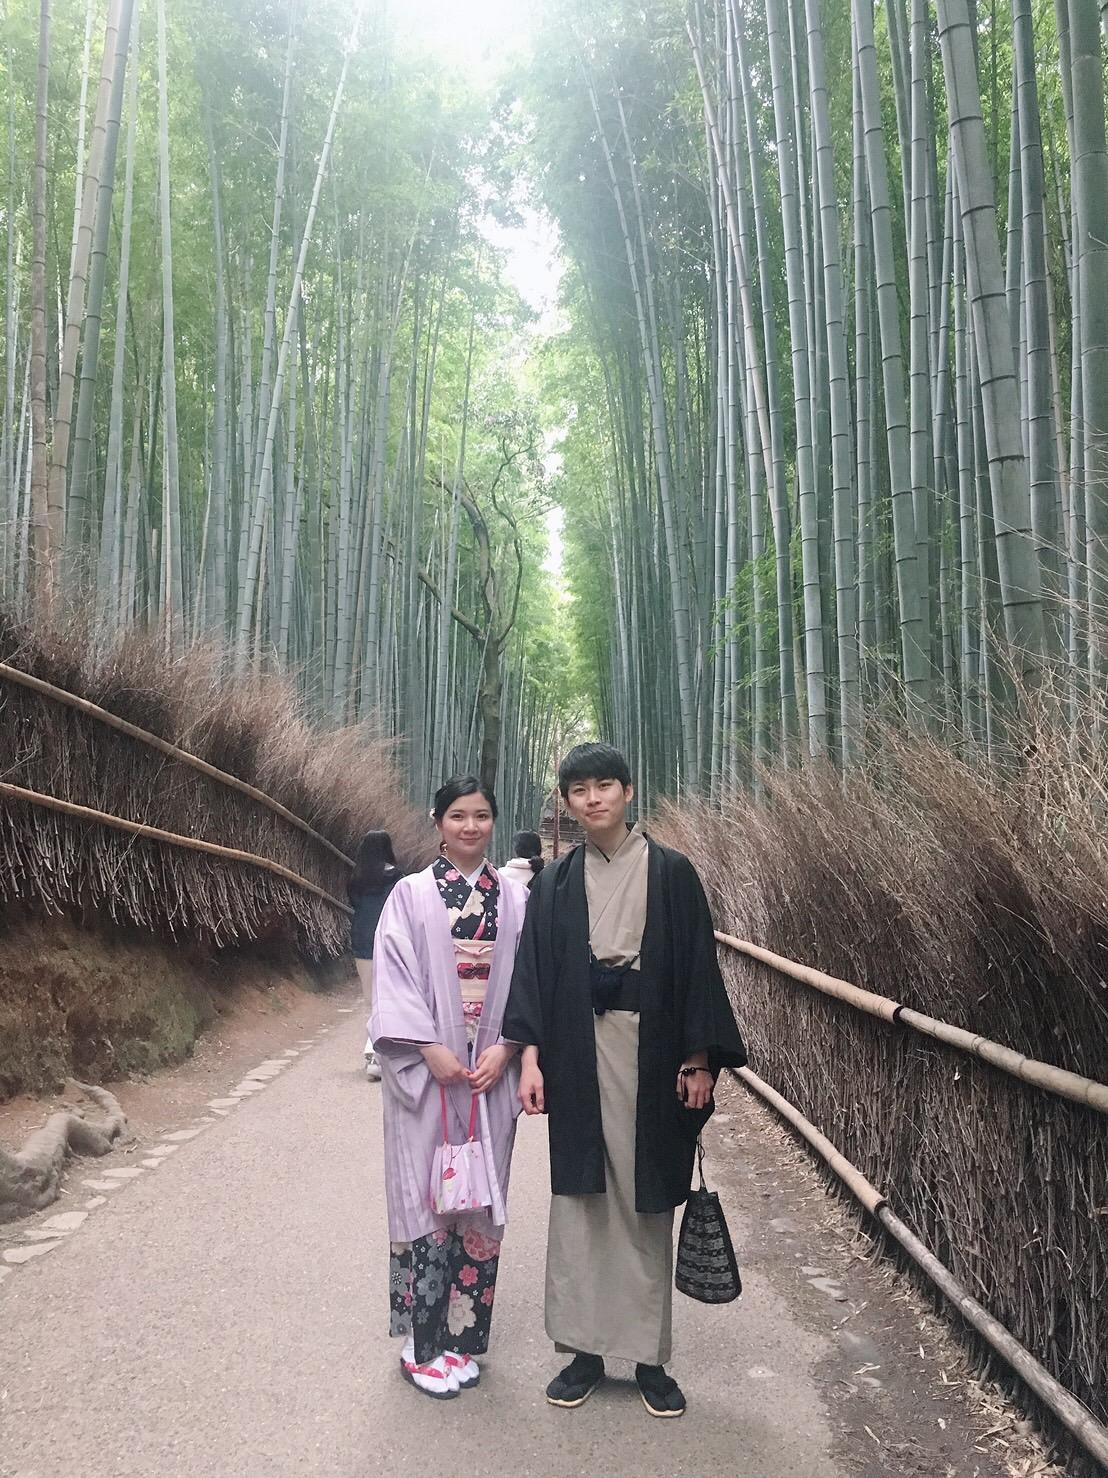 カップルで嵯峨嵐山 竹林の小径へ♡2019年3月6日10